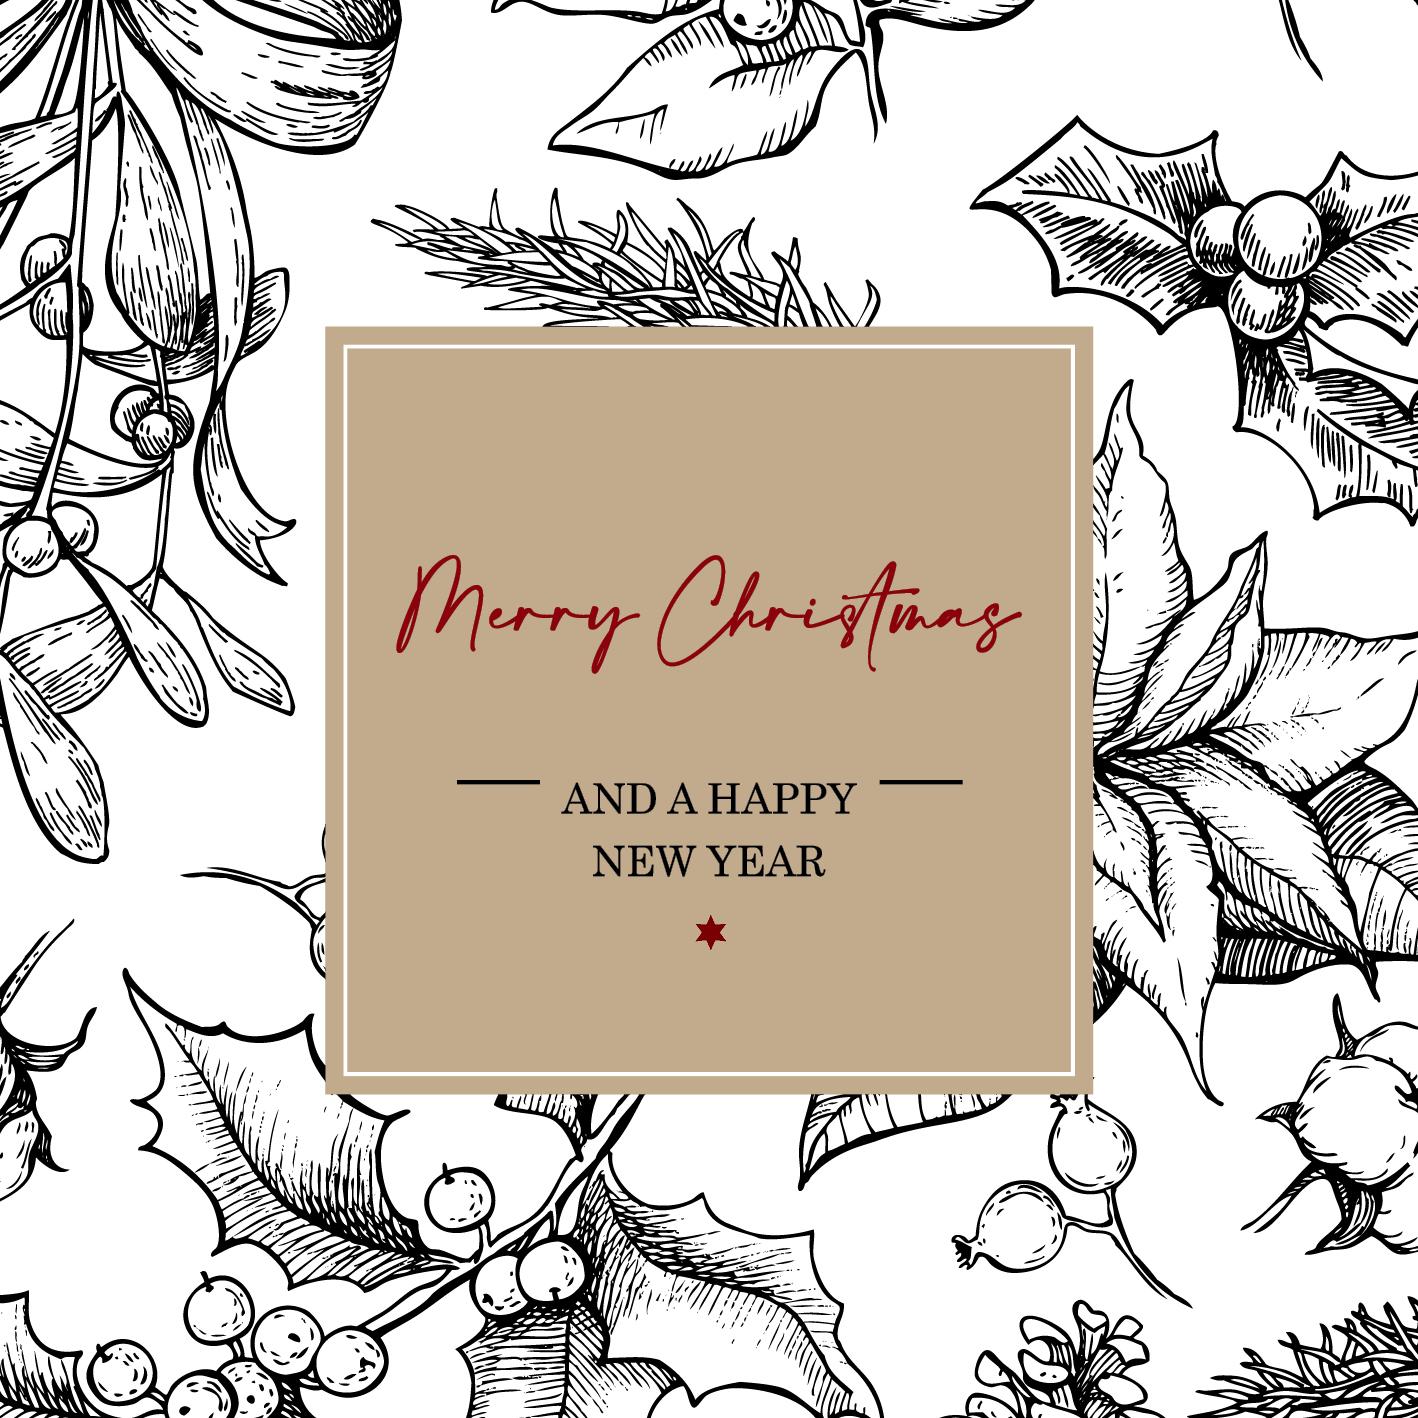 Merry-Christmas4XQ0oaOmTpavq